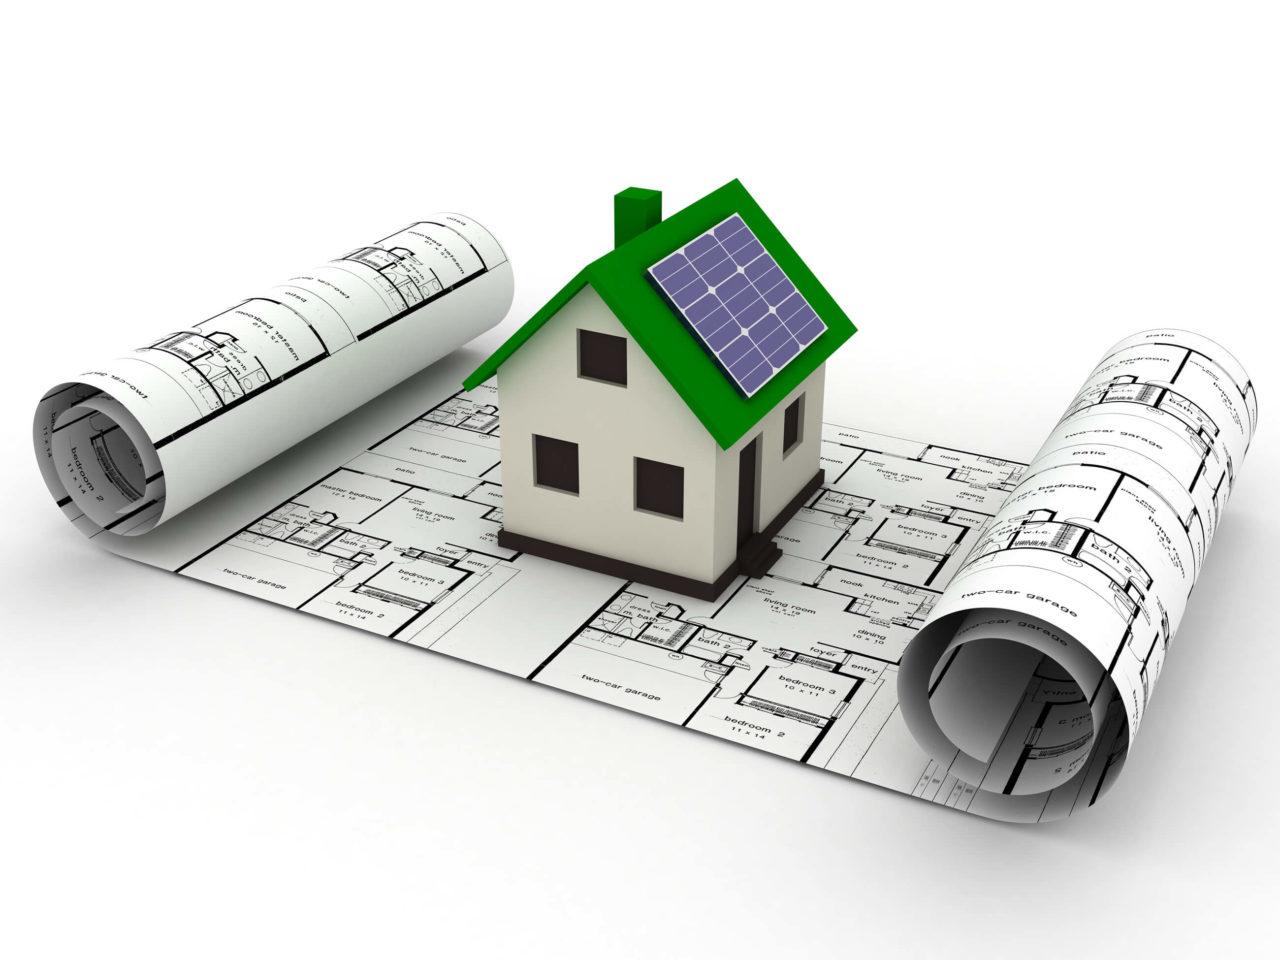 importanti novità per l'efficienza energetica e le fonti rinnovabili, con uno sconto immediato del 50% per chi installa pannelli fotovoltaici